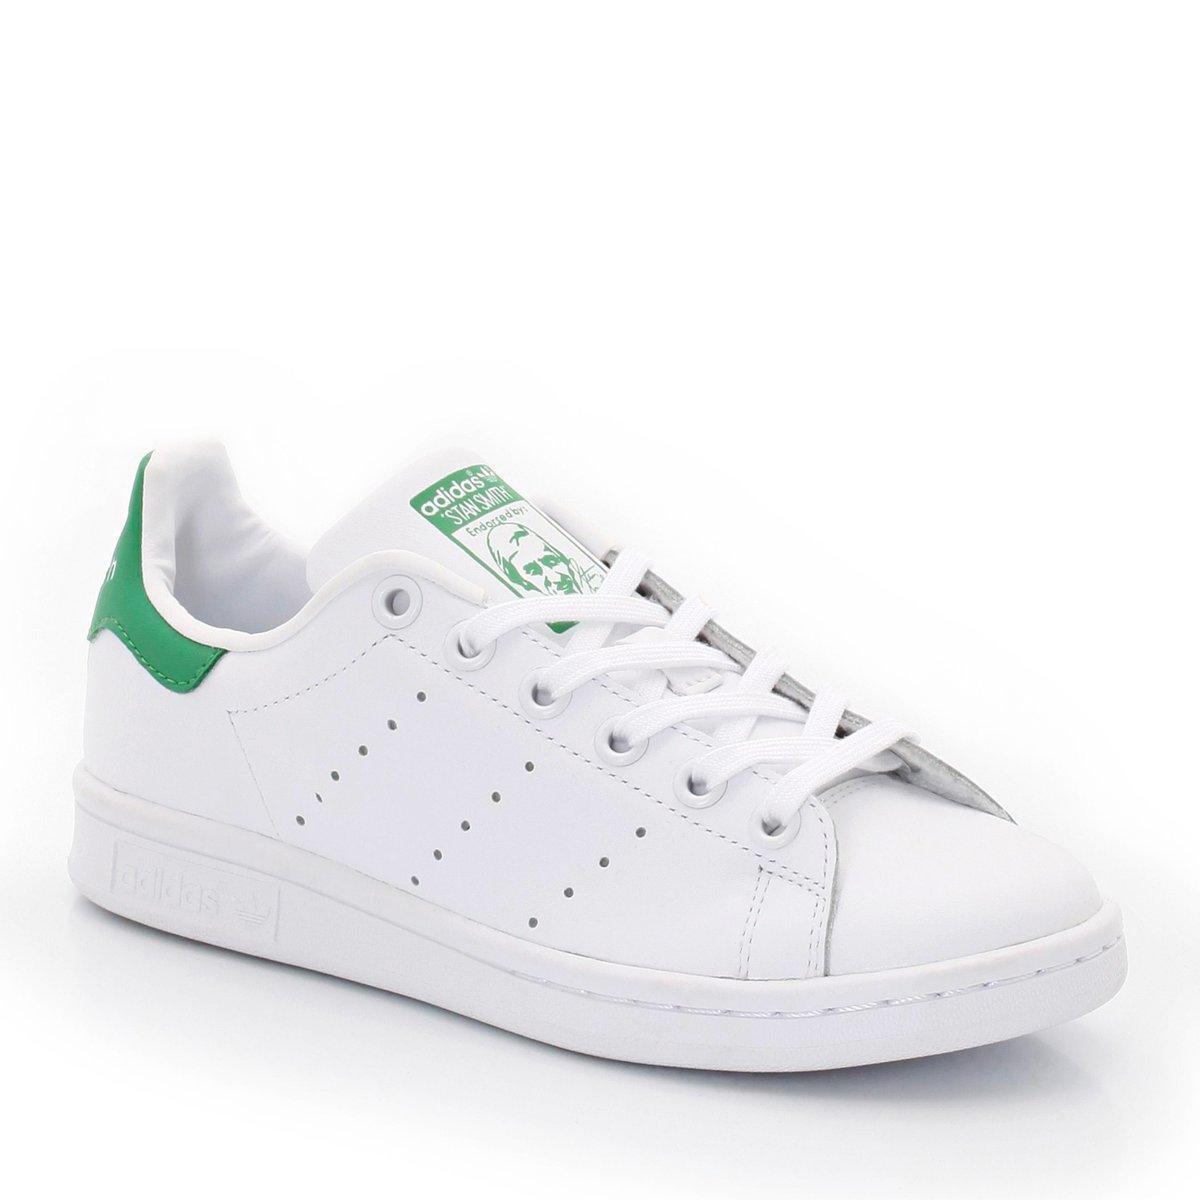 Adidas Soldes Smith Femme 8o0wpkn Dh2be9weiy Stan Basket tshdrQ